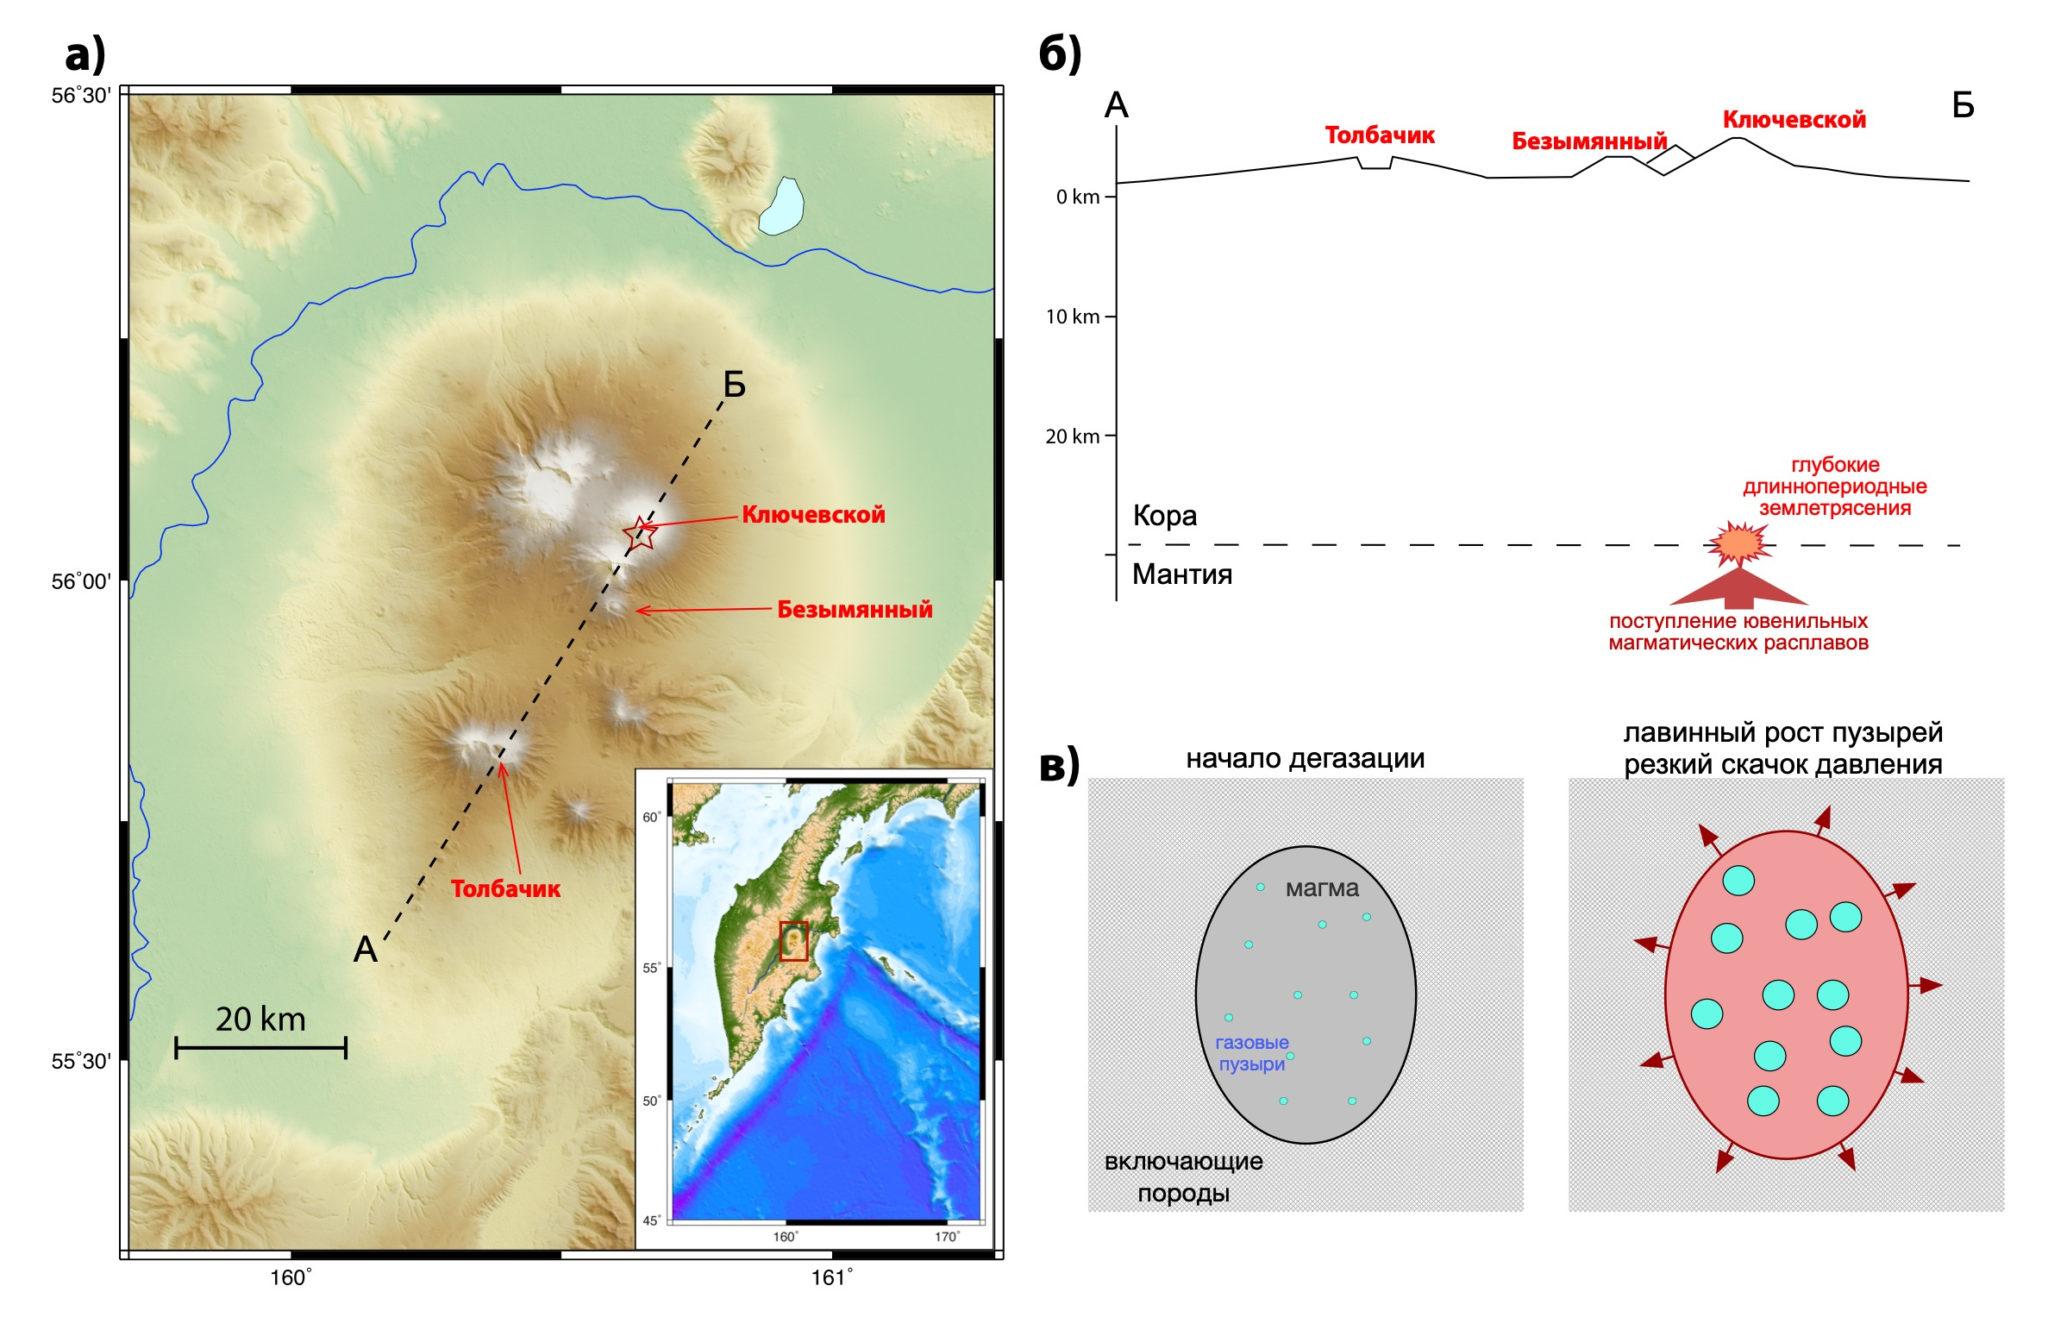 (а) Карта Ключевской группы вулканов на Камчатке; (б) вертикальный разрез вдоль профиля А — Б, показывающий местоположение очагов глубоких длиннопериодных землетрясений; (в) схематическое изображение модели генерации землетрясений за счет резкого скачка давления, вызванного быстрым ростом газовых пузырей в магме